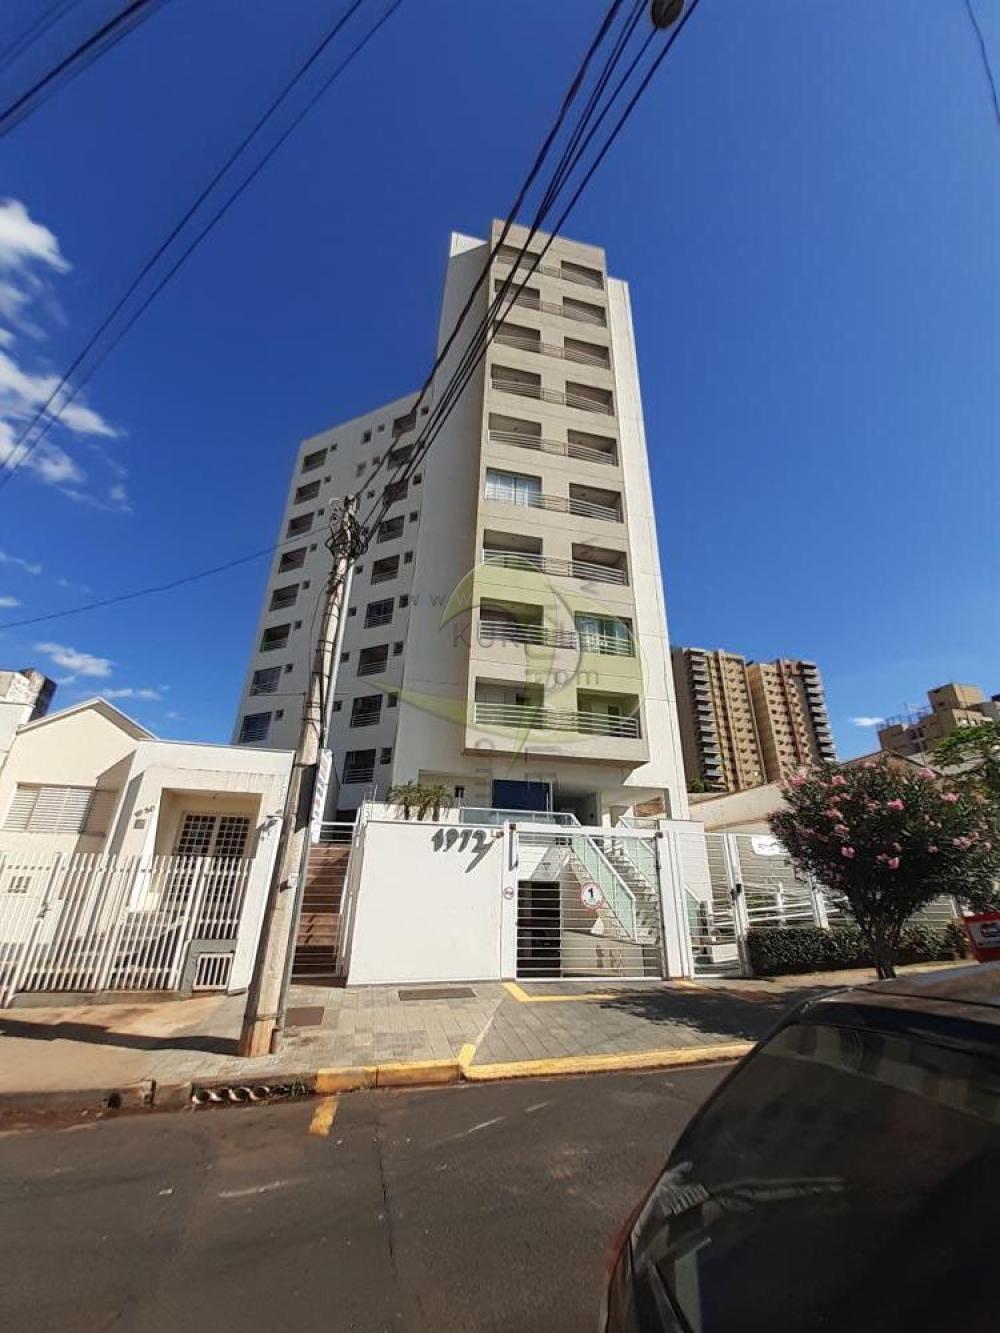 alt='Alugar Apartamento / Cobertura em Ribeirão Preto R$ 11,00 - Foto 33' title='Alugar Apartamento / Cobertura em Ribeirão Preto R$ 11,00 - Foto 33'